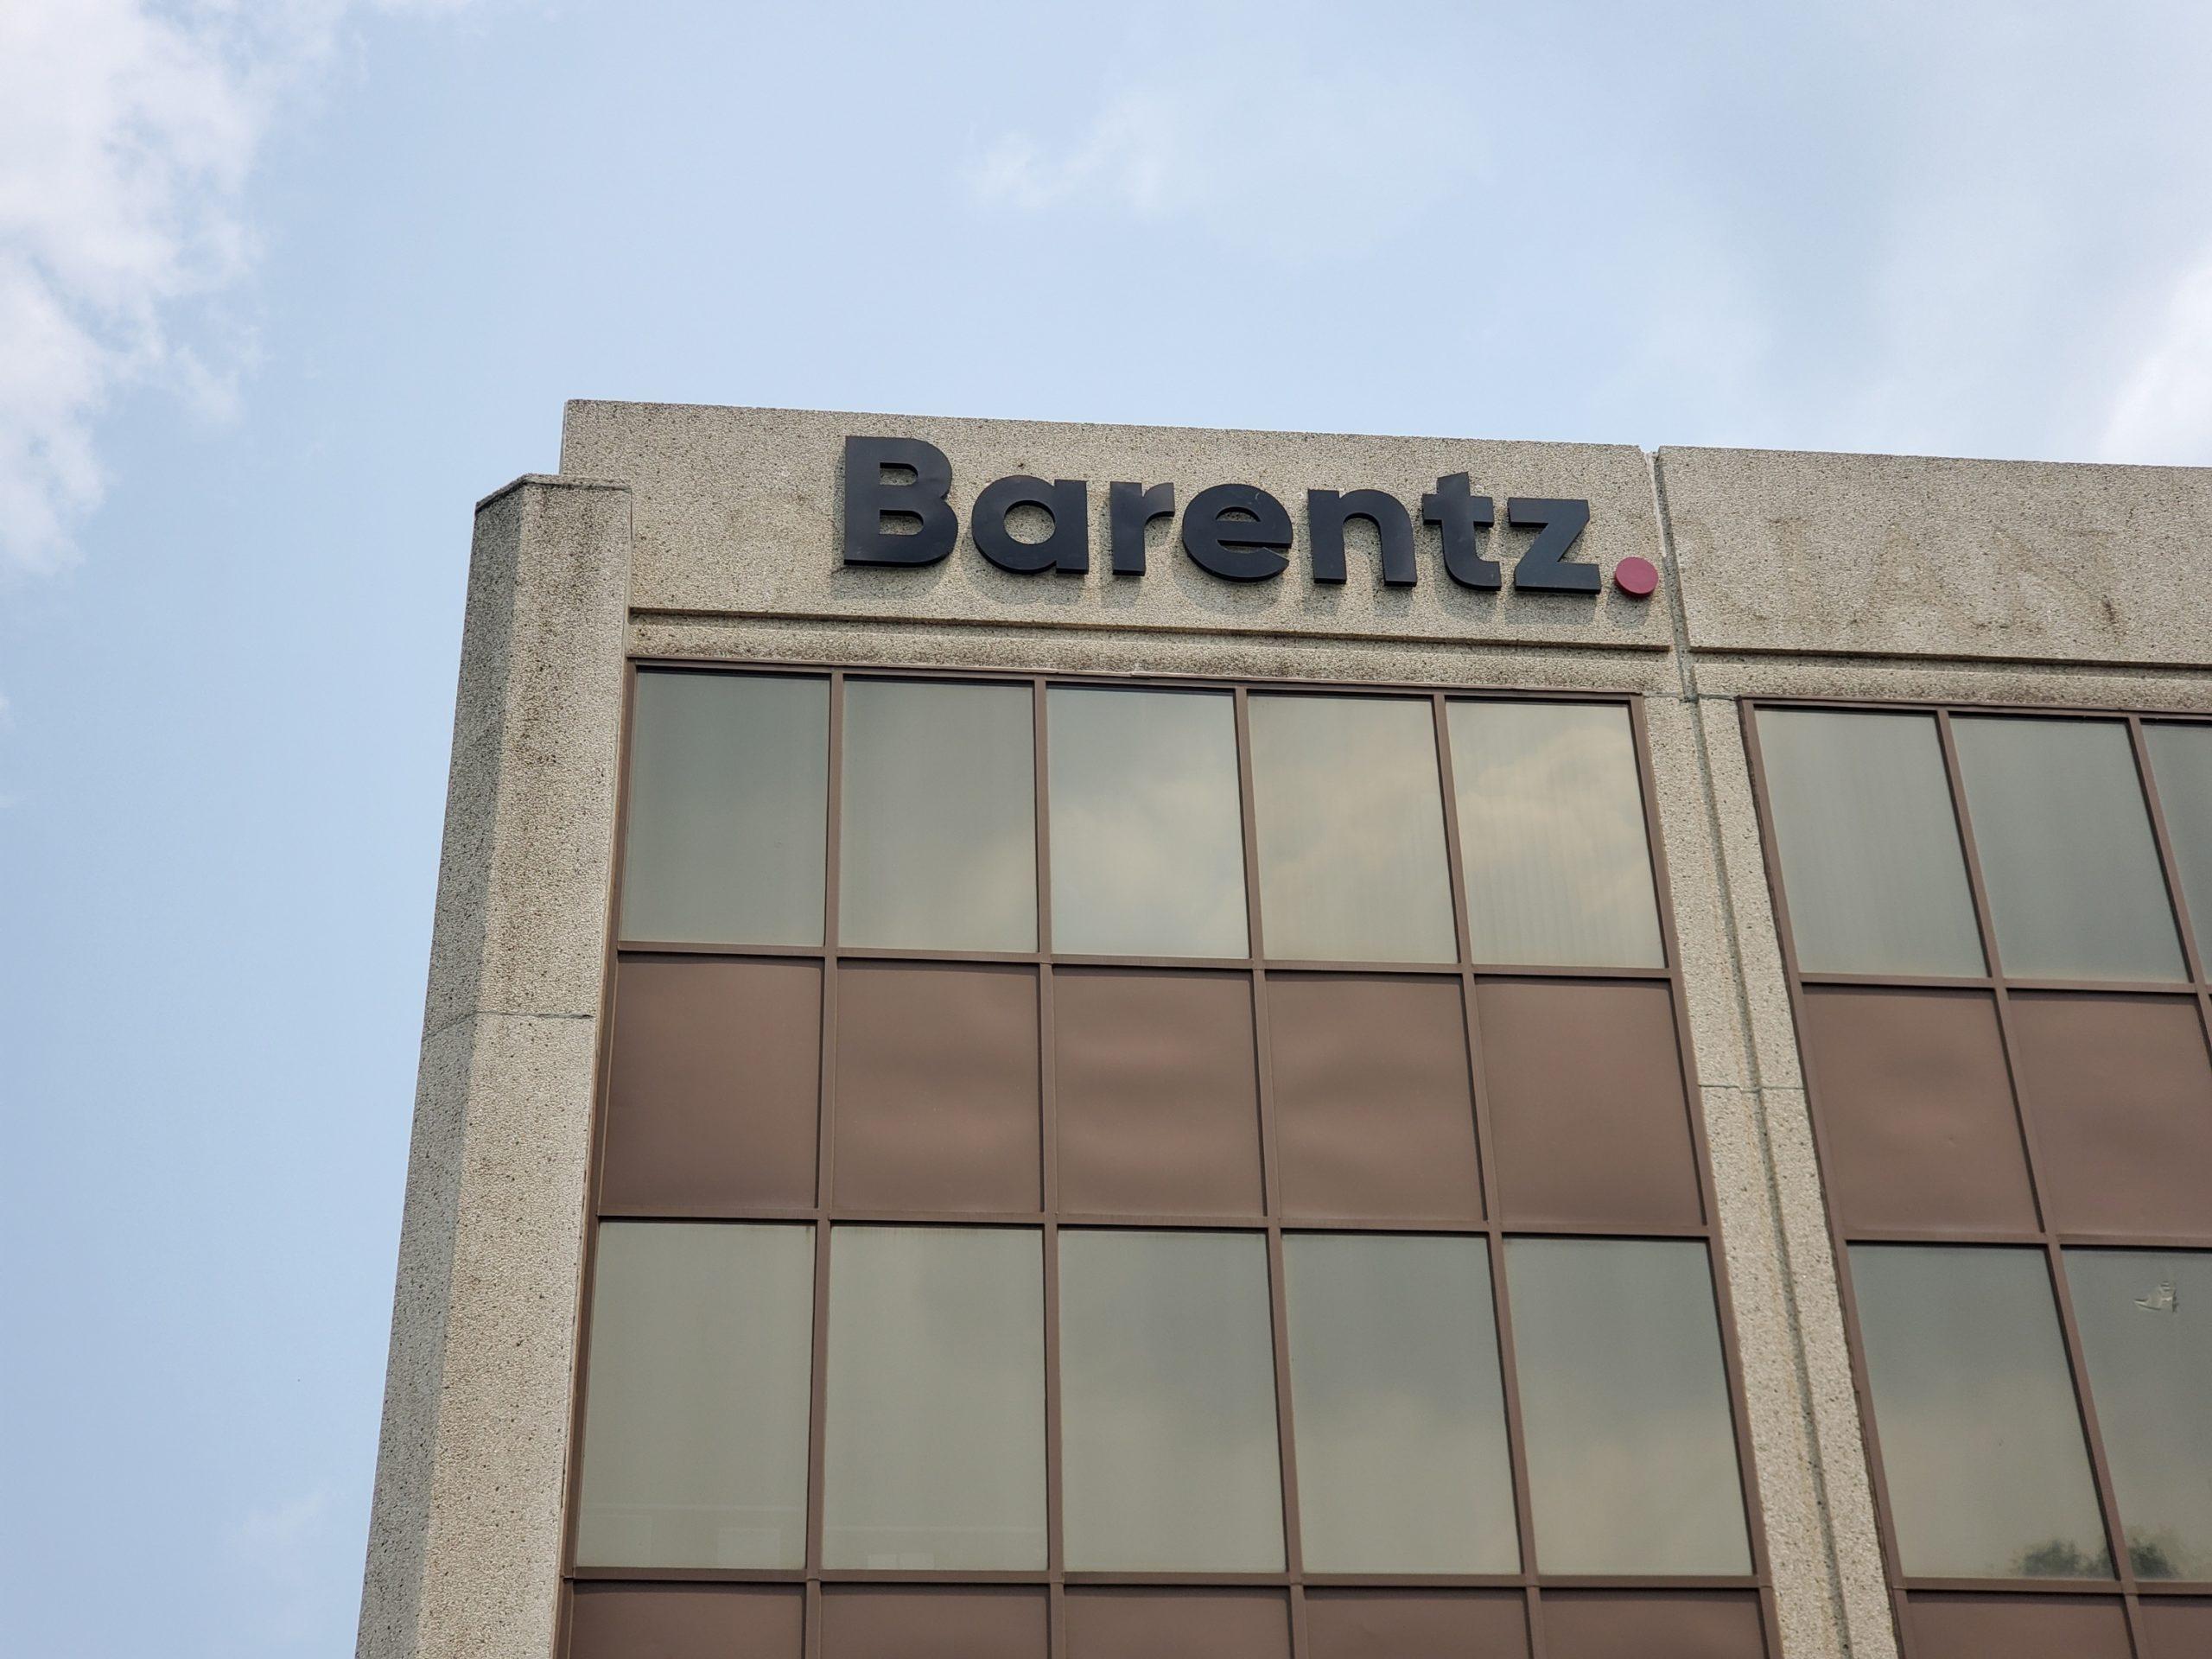 Barentz Halo Lit Letters Exterior (1)